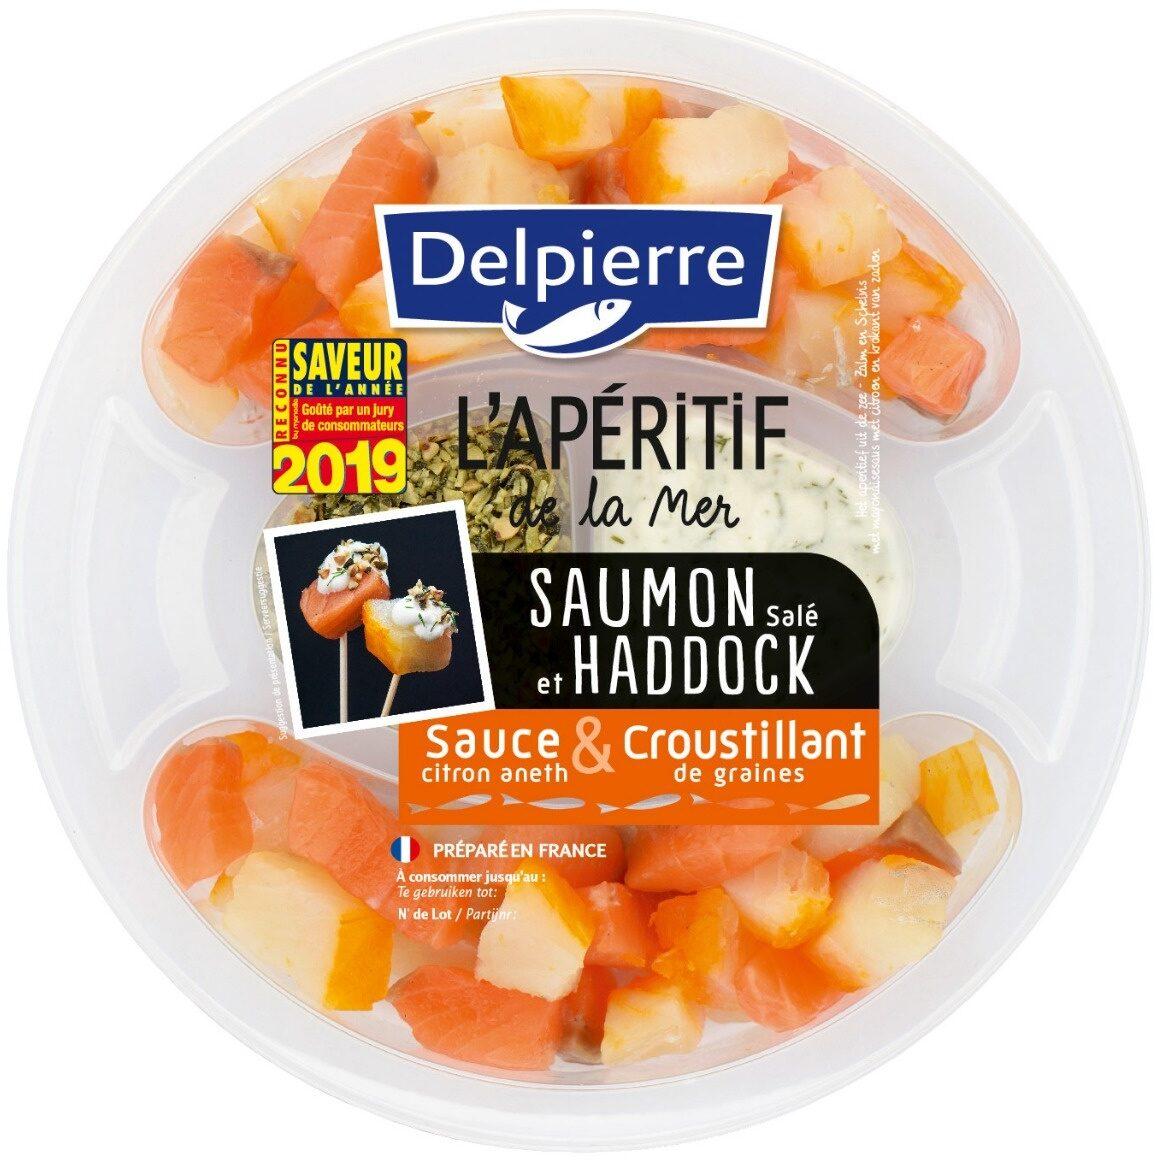 Saumon salé & Haddock, sauce et croustillant - Product - fr